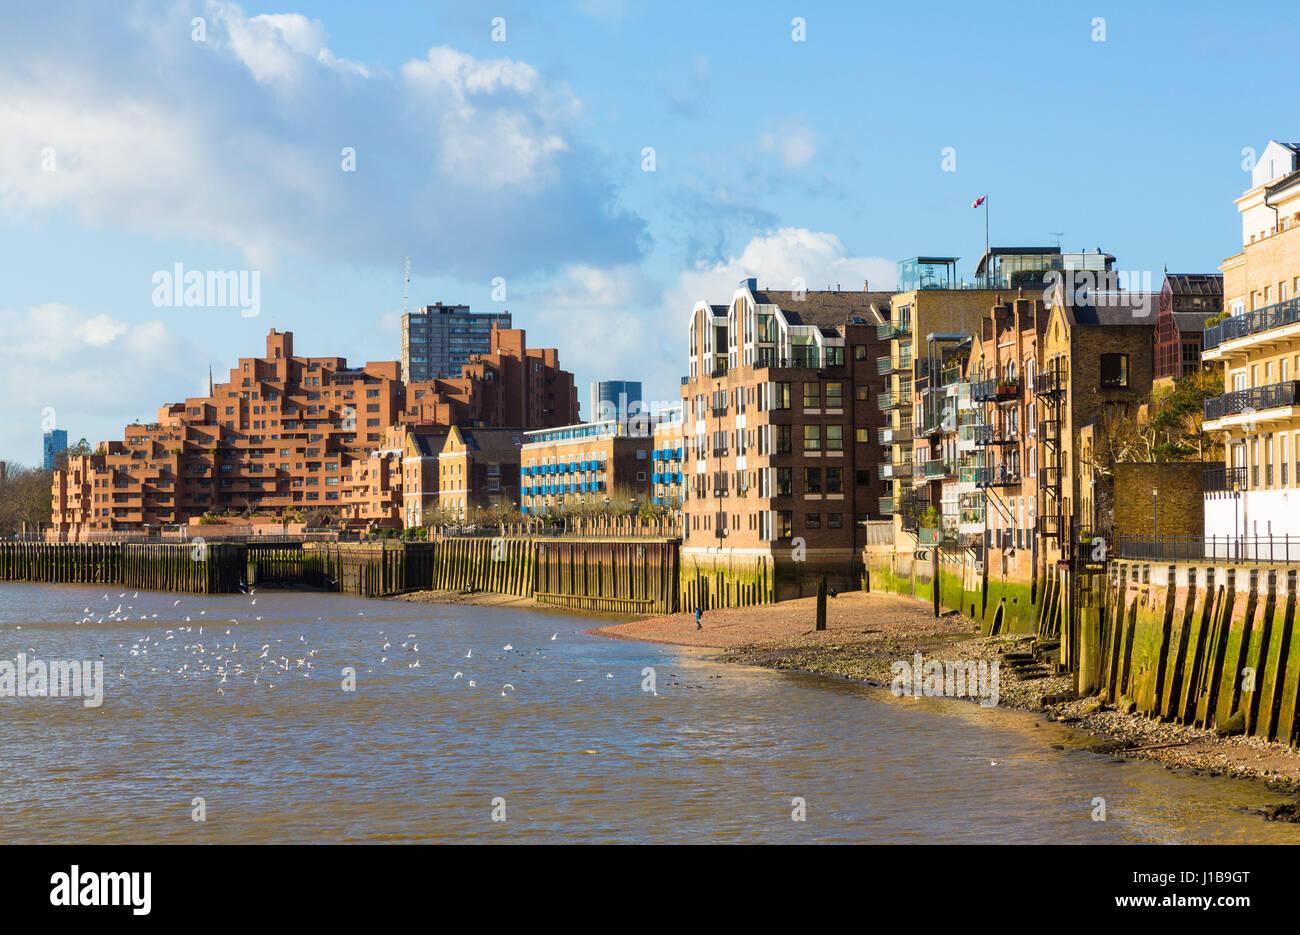 Appartamento Residenziale edifici sul Fiume Tamigi da Canary Wharf, Docklands, Londra, Inghilterra Immagini Stock